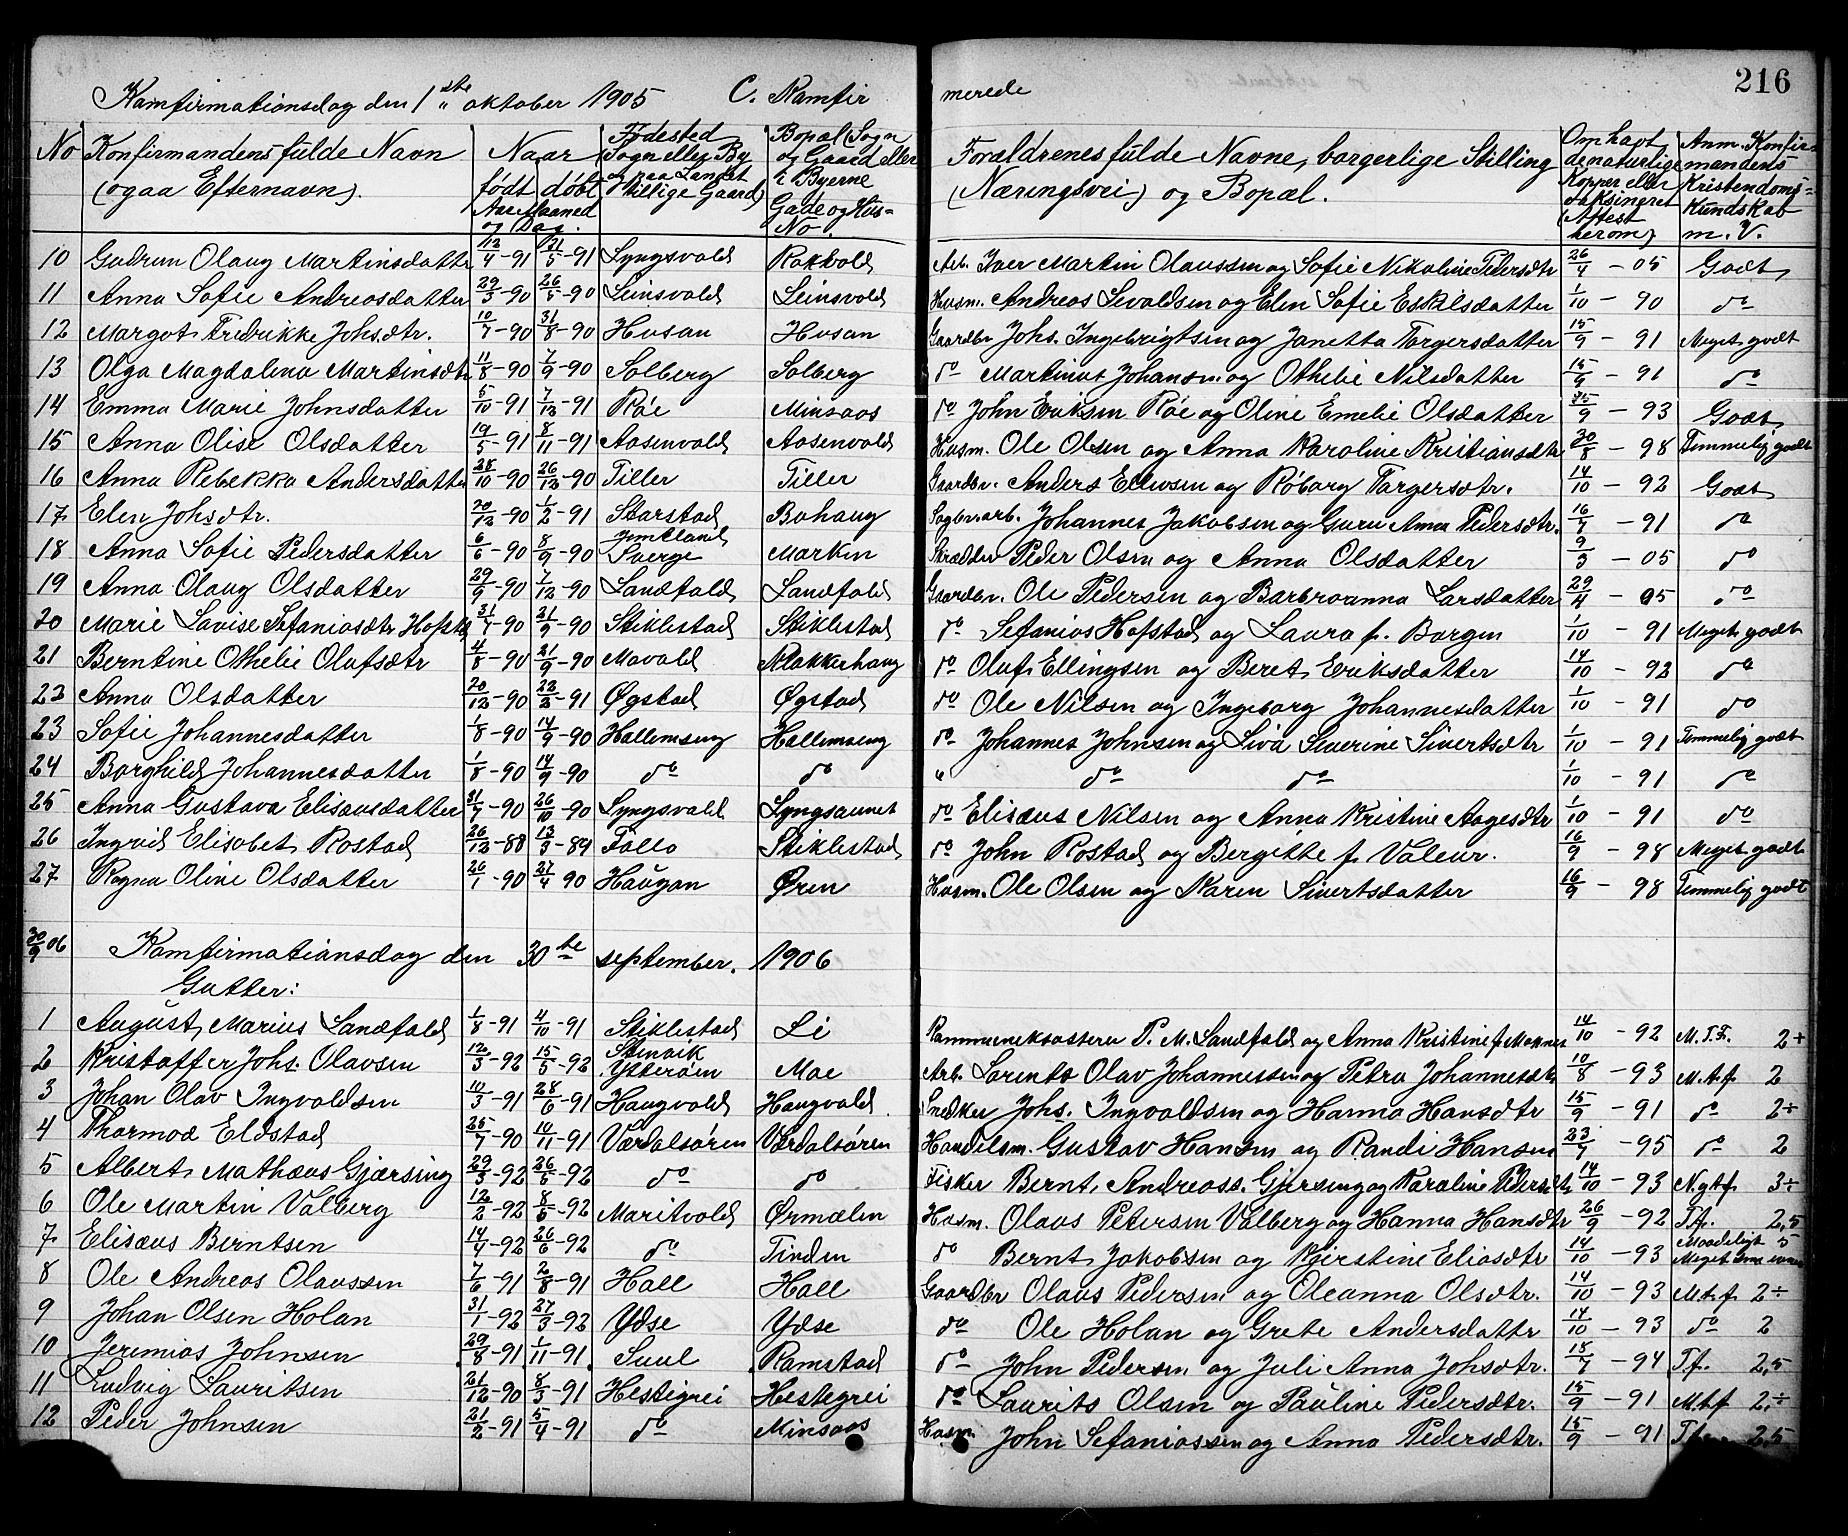 SAT, Ministerialprotokoller, klokkerbøker og fødselsregistre - Nord-Trøndelag, 723/L0257: Klokkerbok nr. 723C05, 1890-1907, s. 216